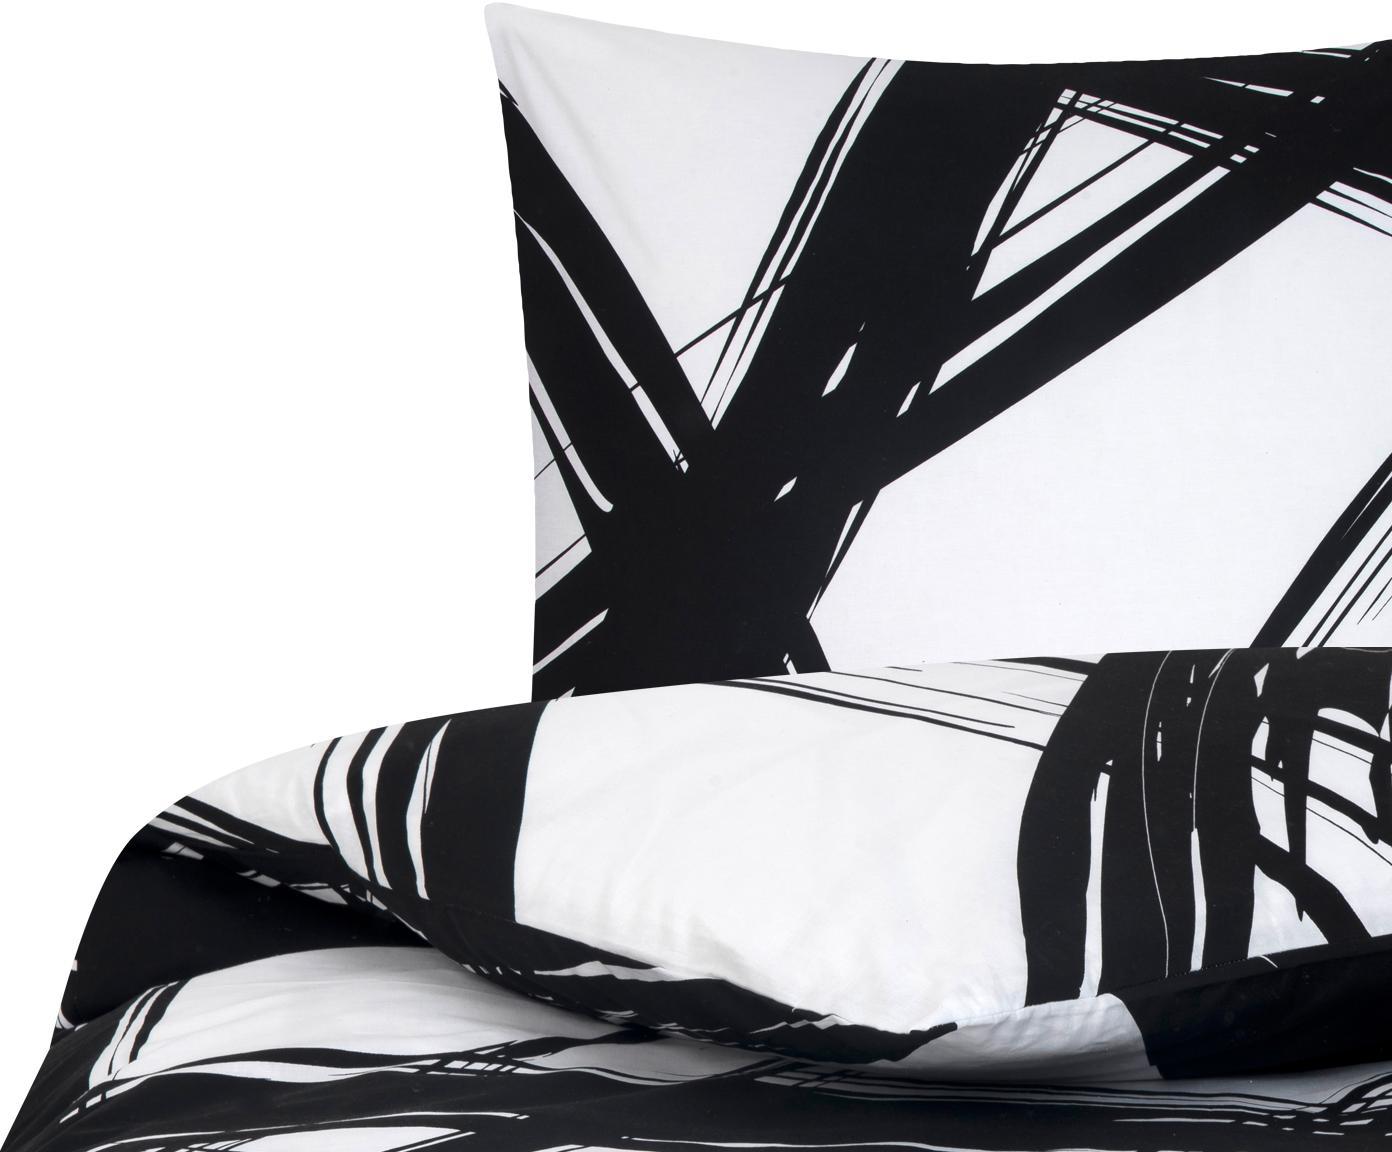 Baumwoll-Bettwäsche Brush mit abstraktem Print, Webart: Renforcé Fadendichte 144 , Schwarz, Weiß, 155 x 220 cm + 1 Kissen 80 x 80 cm